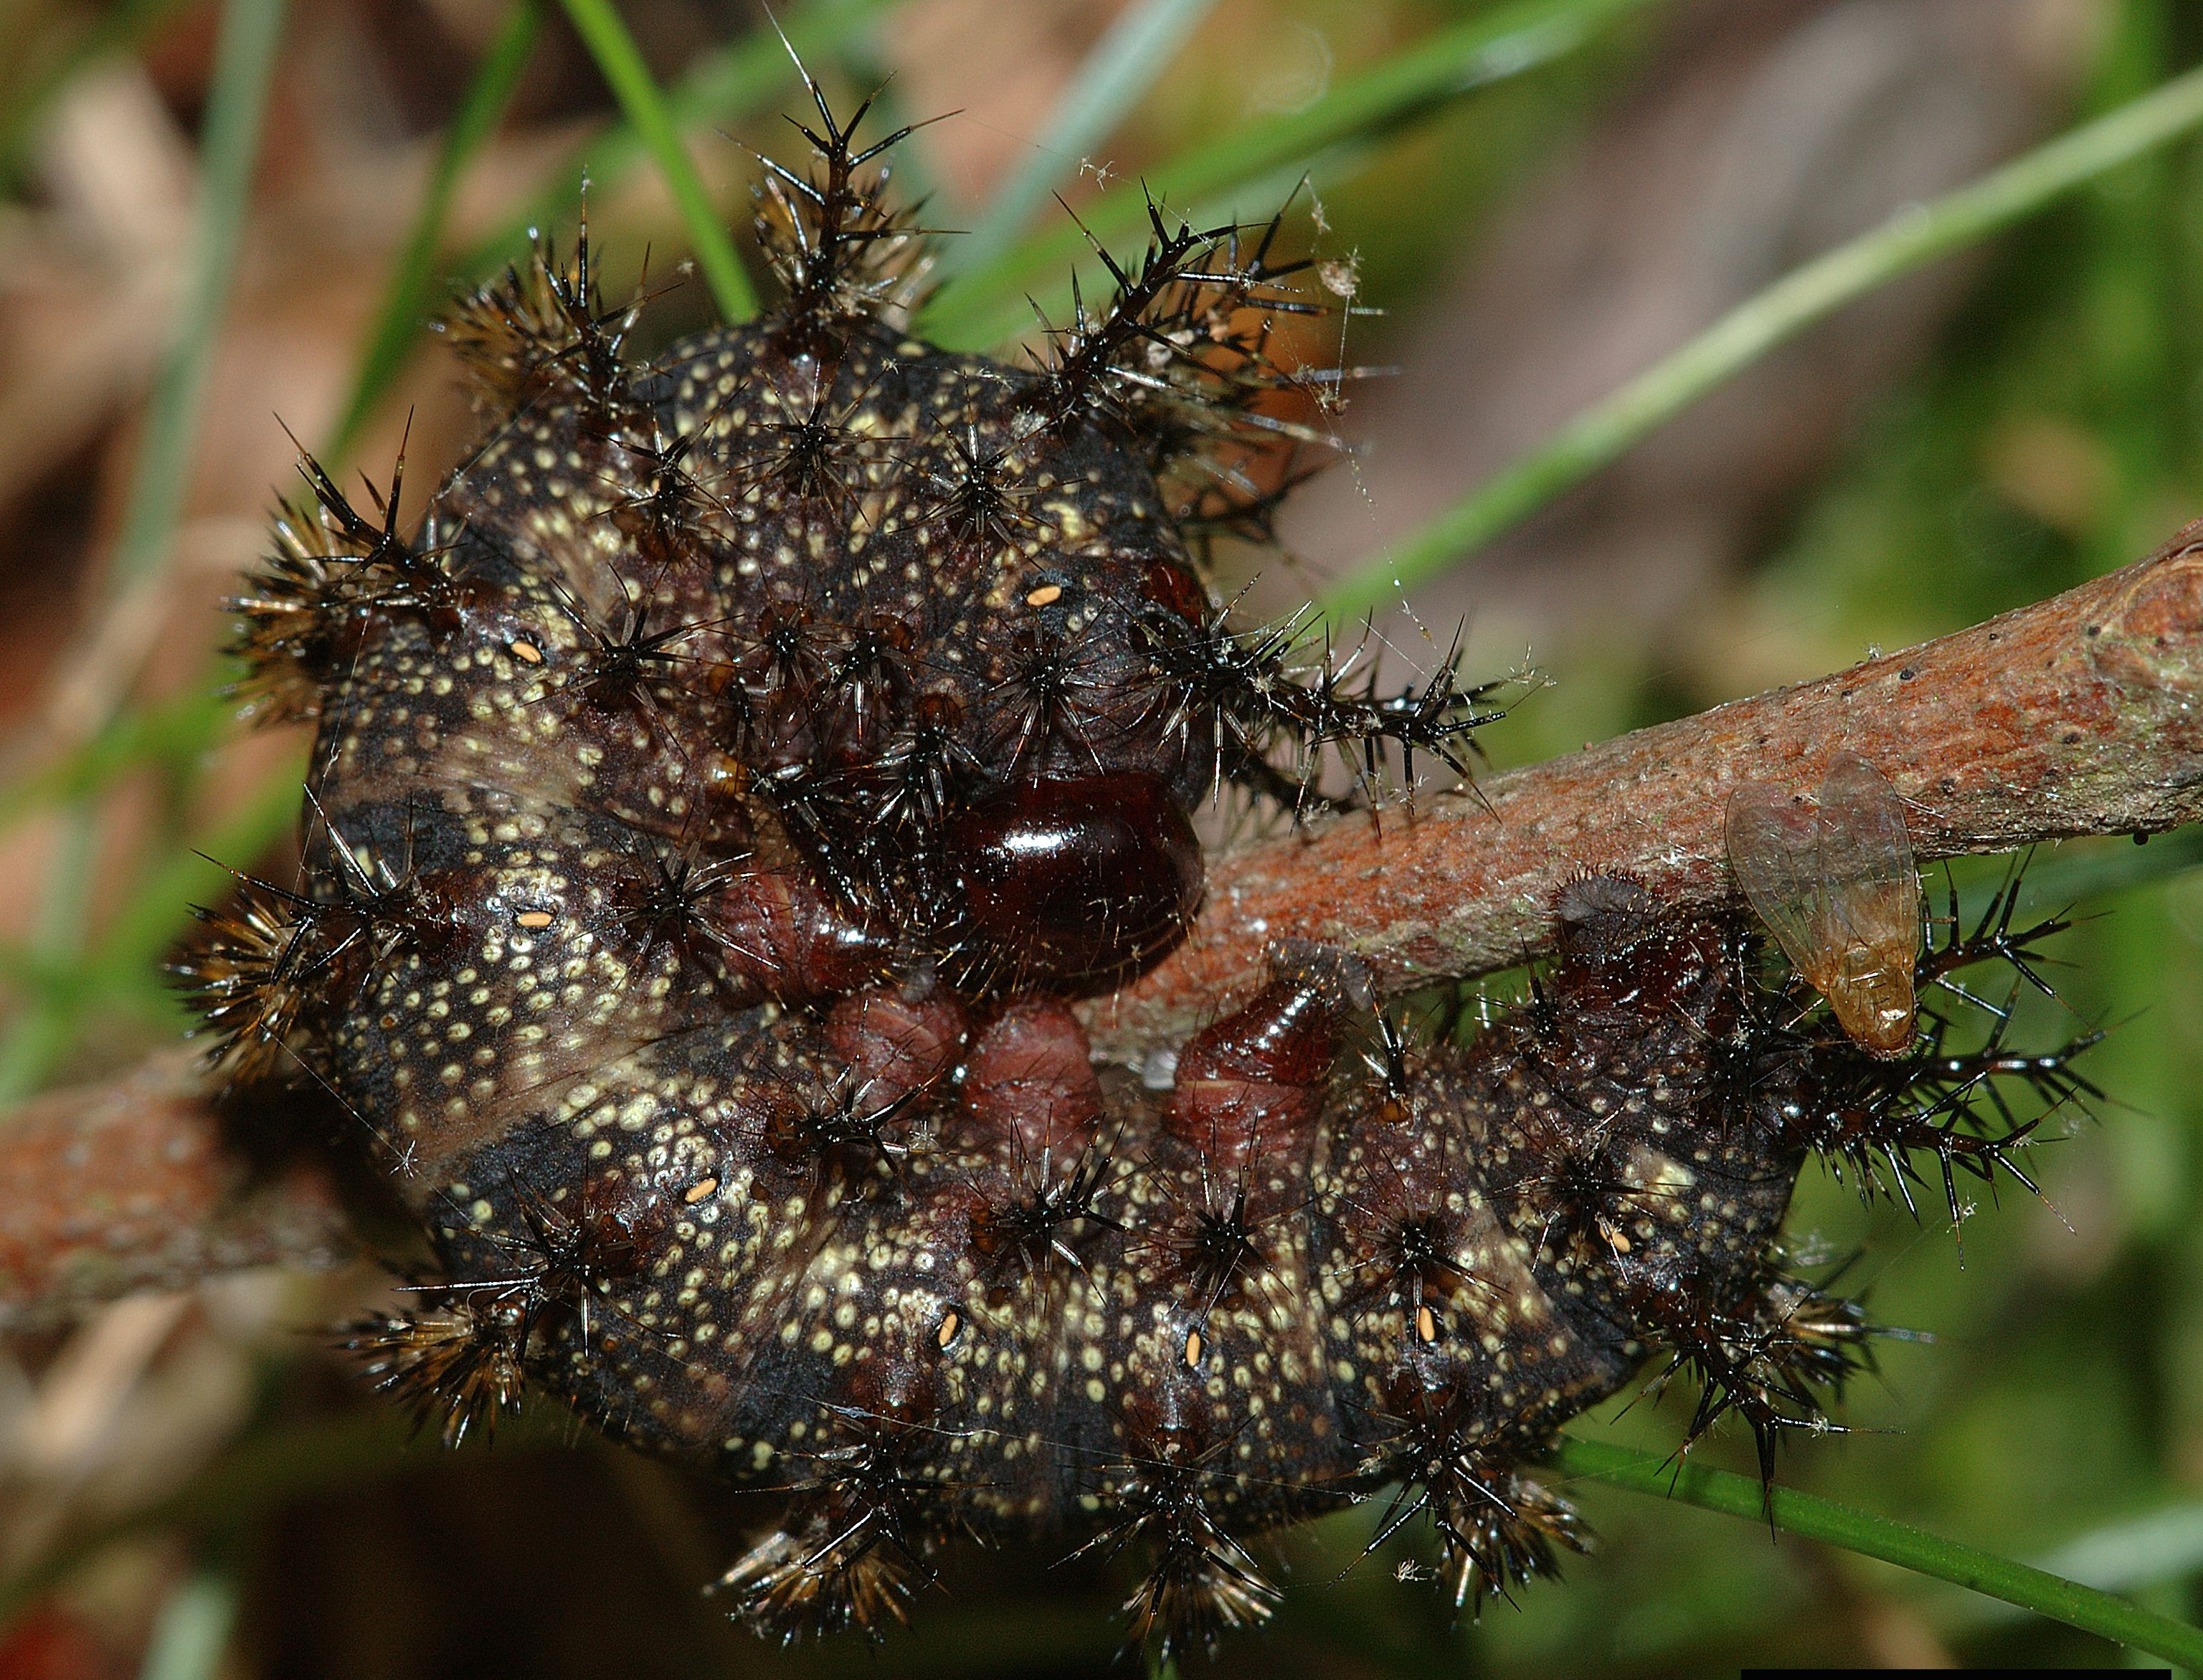 Описание и фото гусеницы бабочки махаона